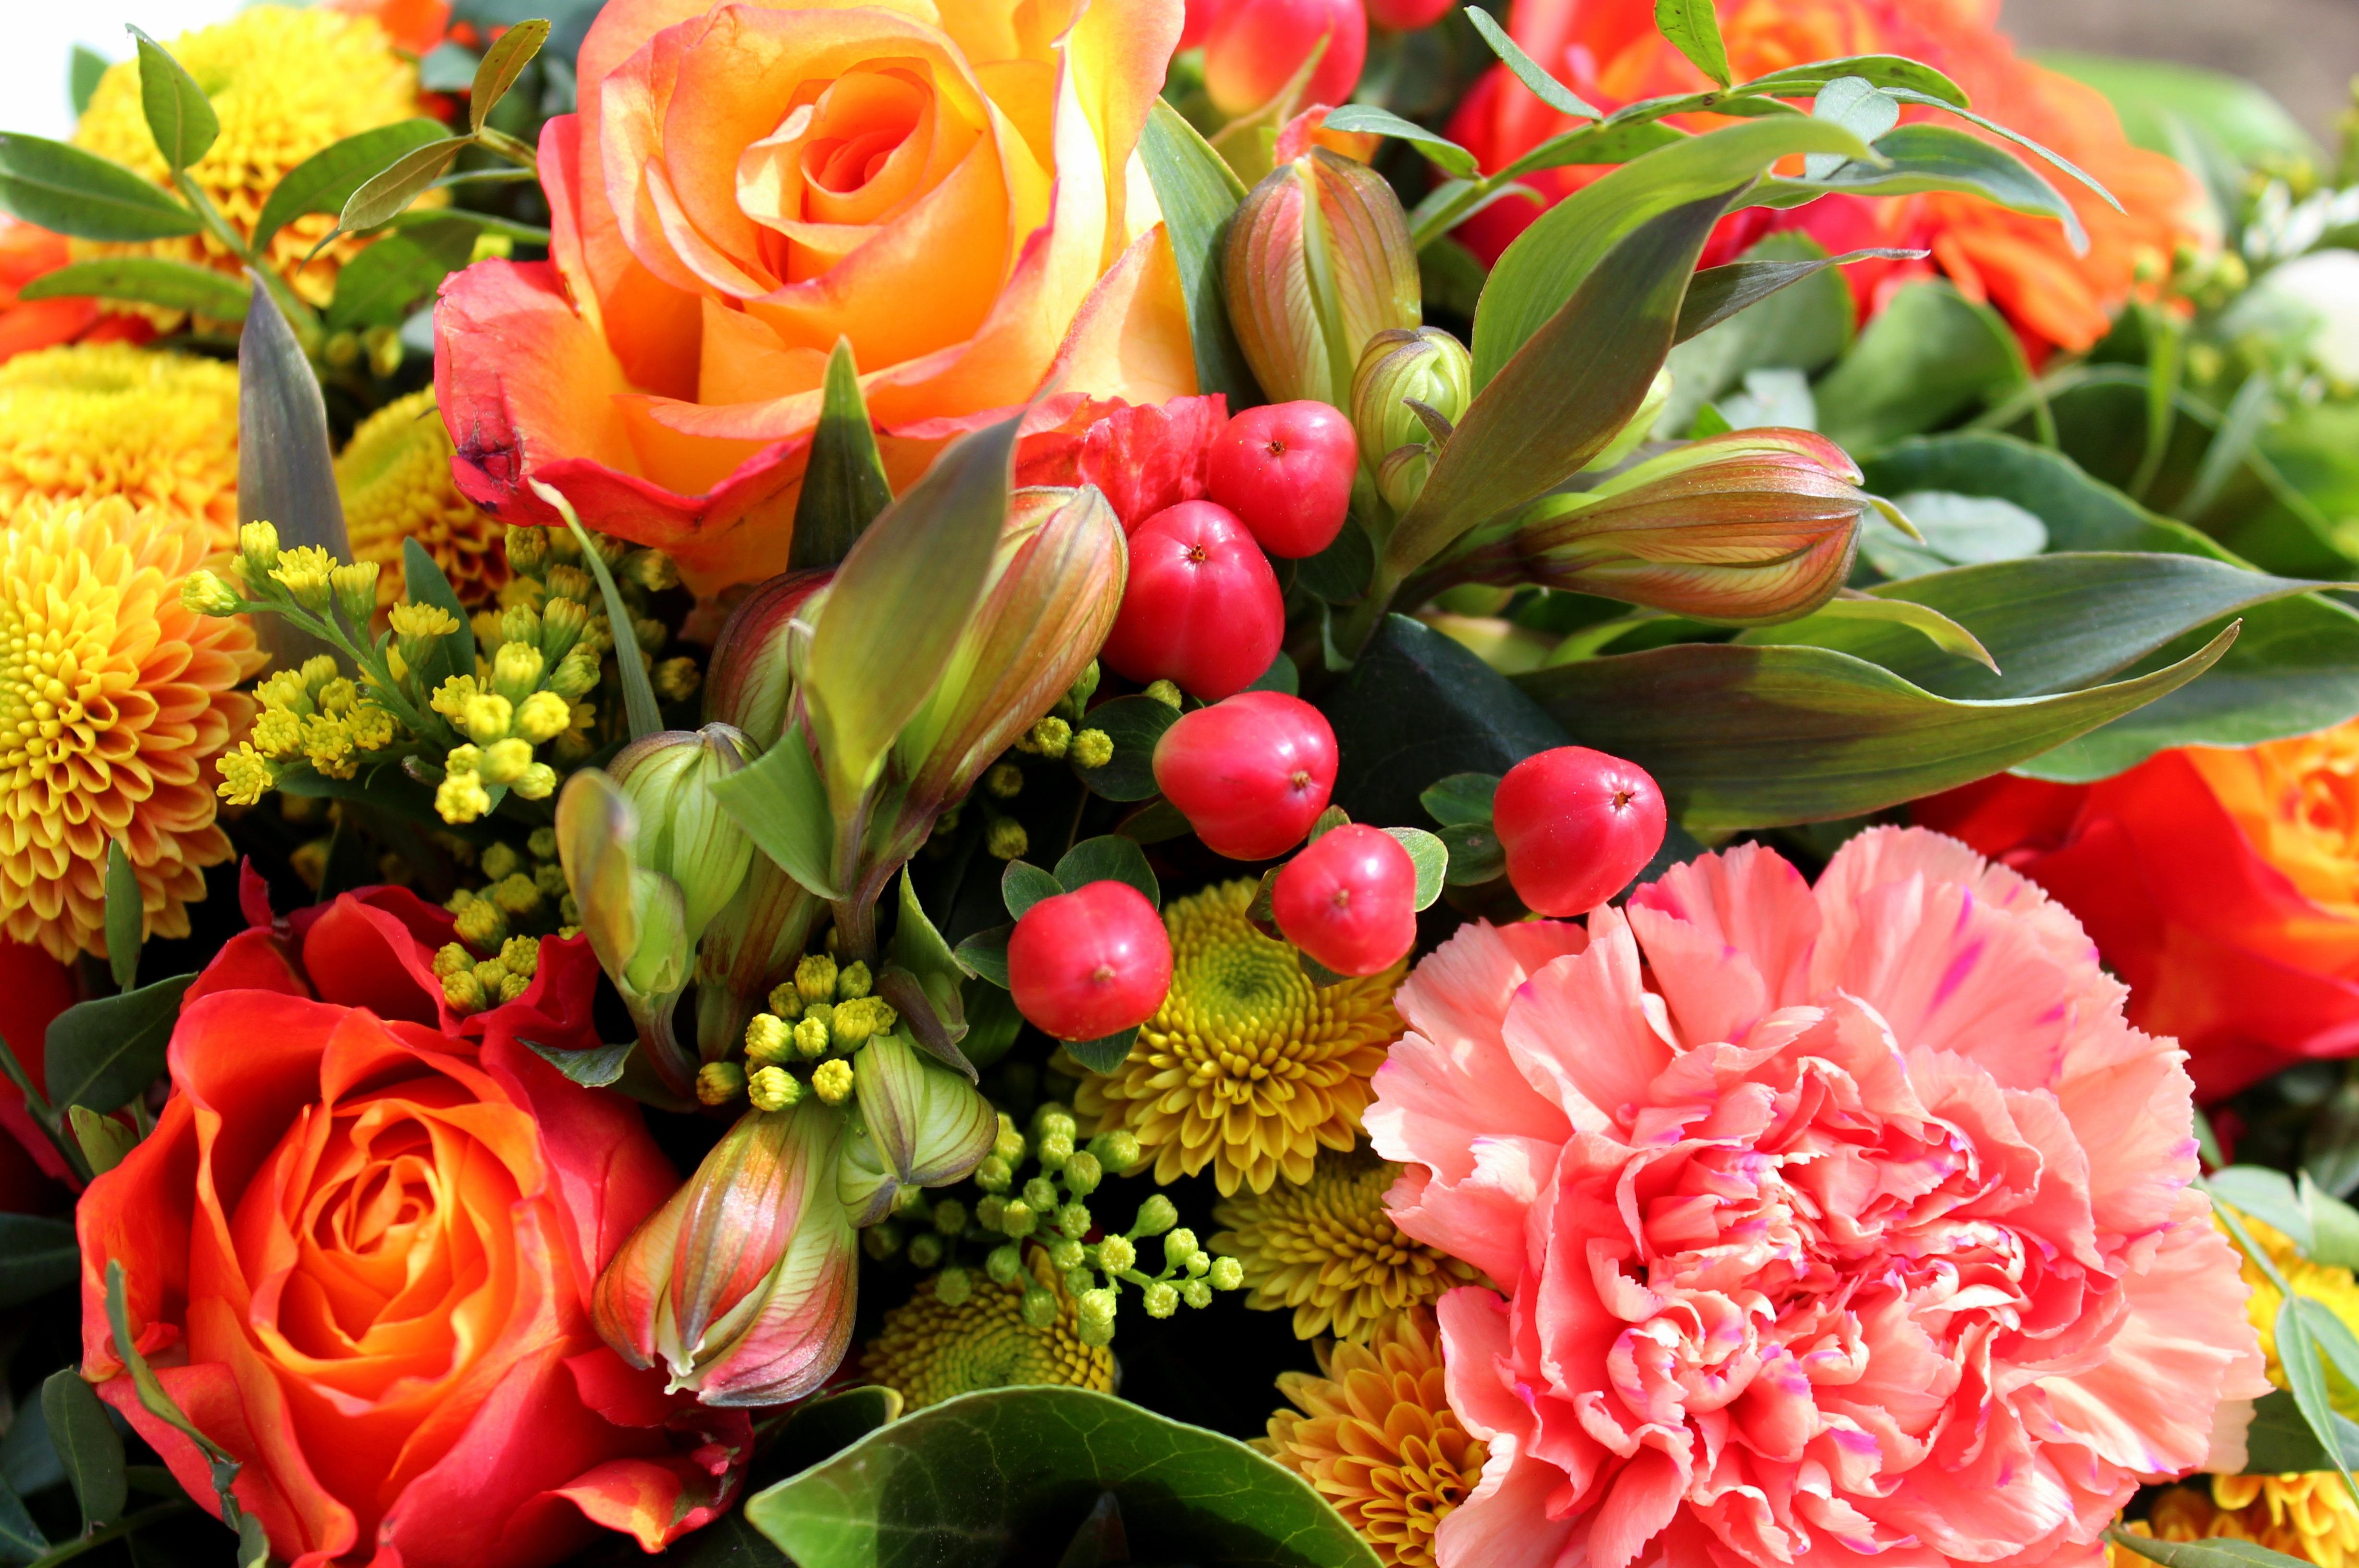 картинки цветов весенних букетов цветов очень